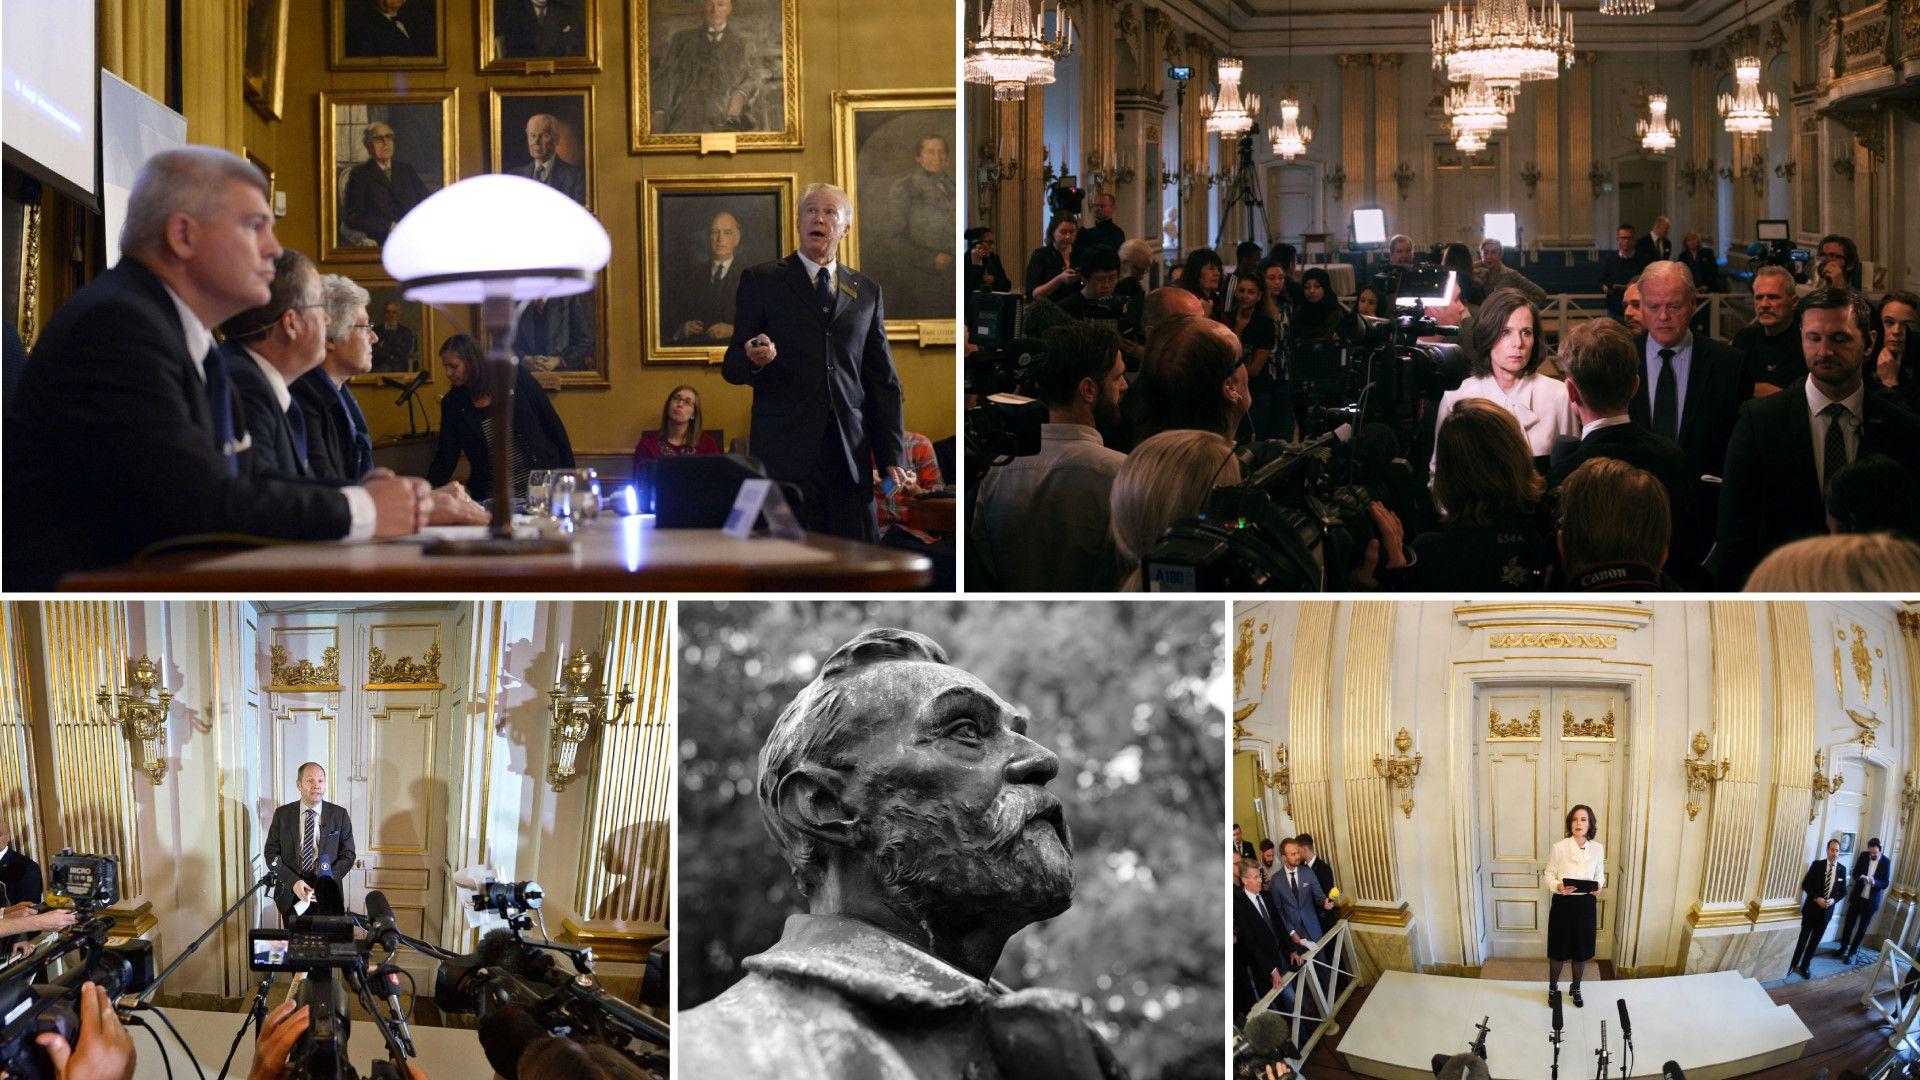 Mùa Nobel tranh cãi - Hủy giải văn học, TT Trump nhận Nobel Hòa bình? Ảnh 12